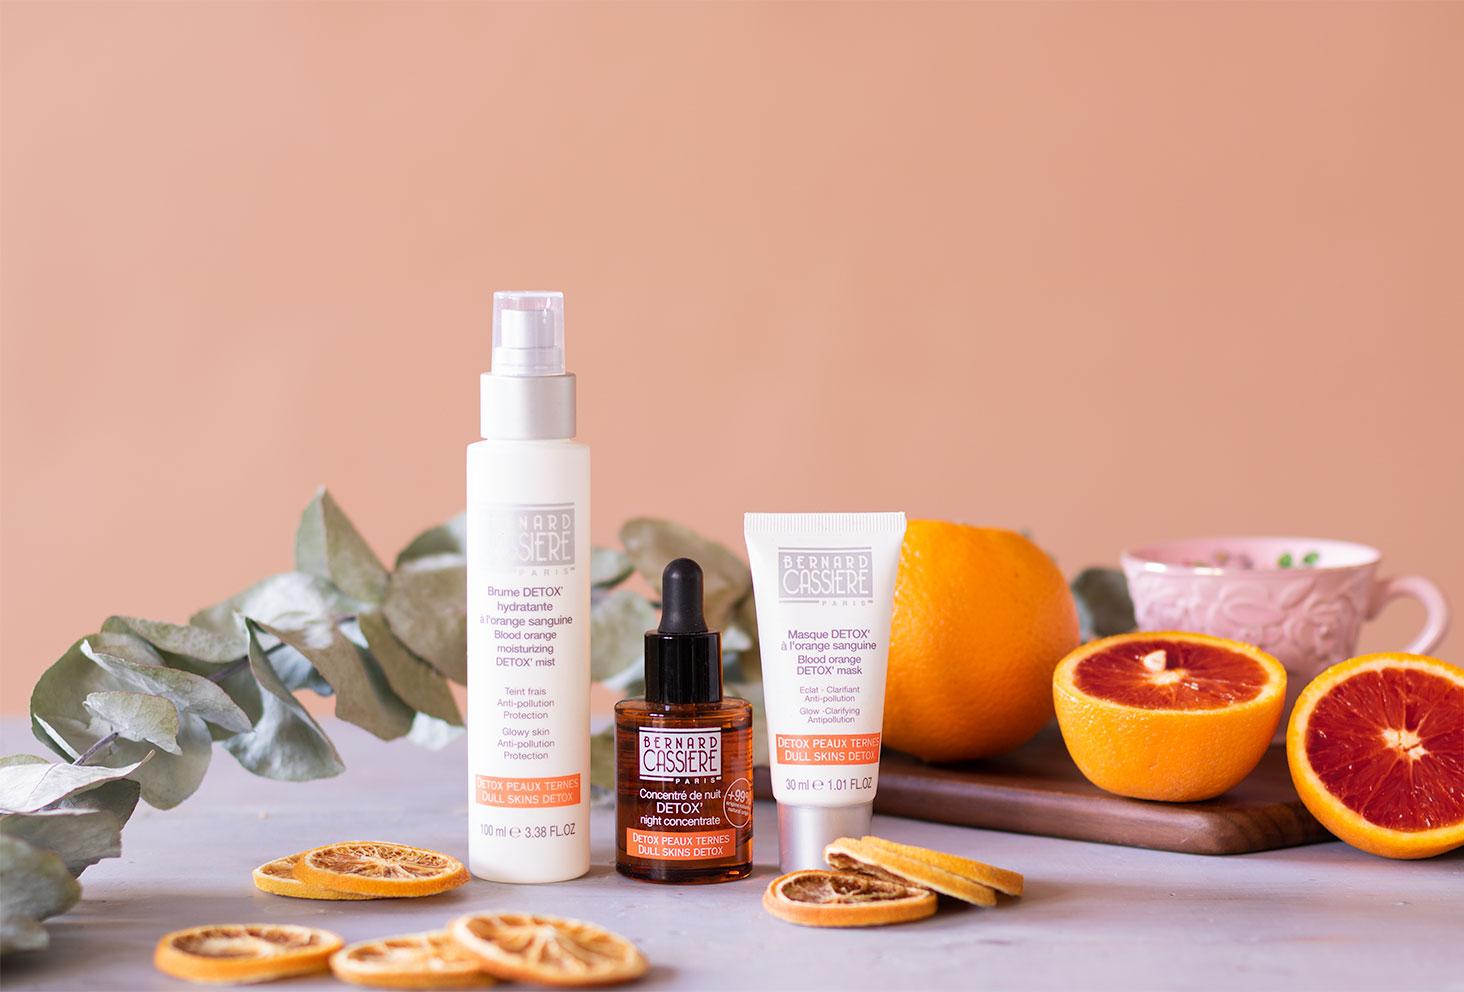 La gamme détox à l'orange sanguine de Bernard Cassière sur une table grise, devant une planche en bois dans l'esprit du thé anglais, au milieu des oranges sanguines et d'une branche d'eucalyptus séchée